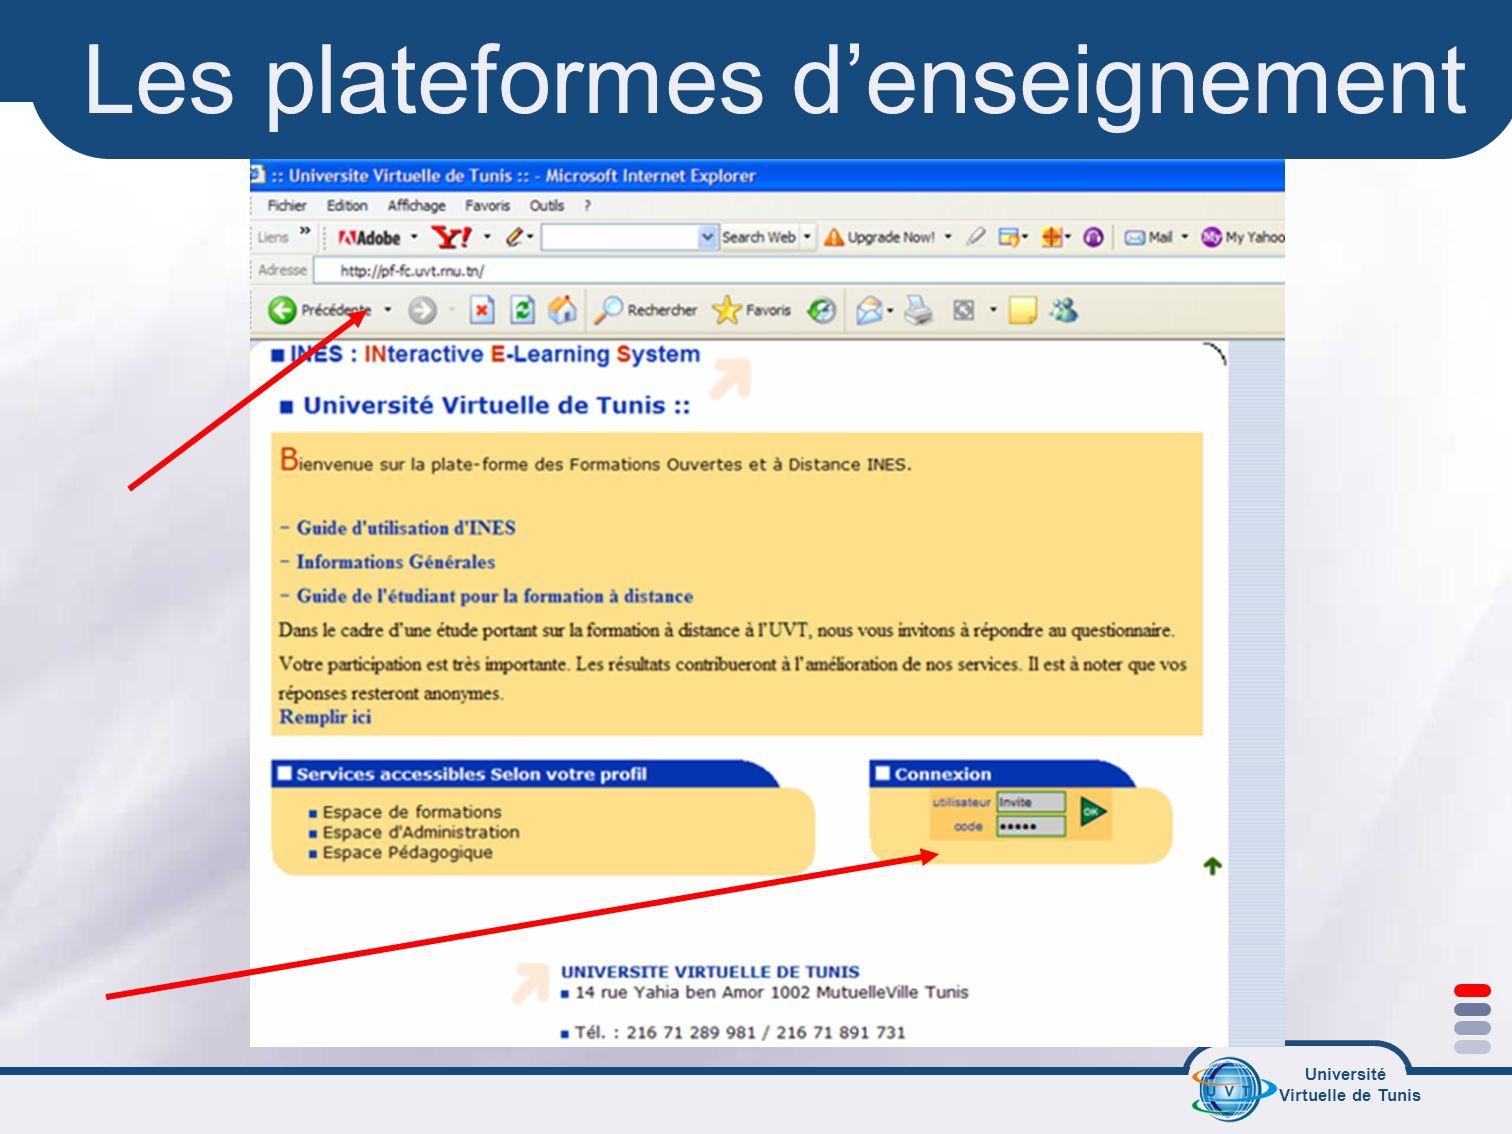 Université Virtuelle de Tunis Les plateformes denseignement